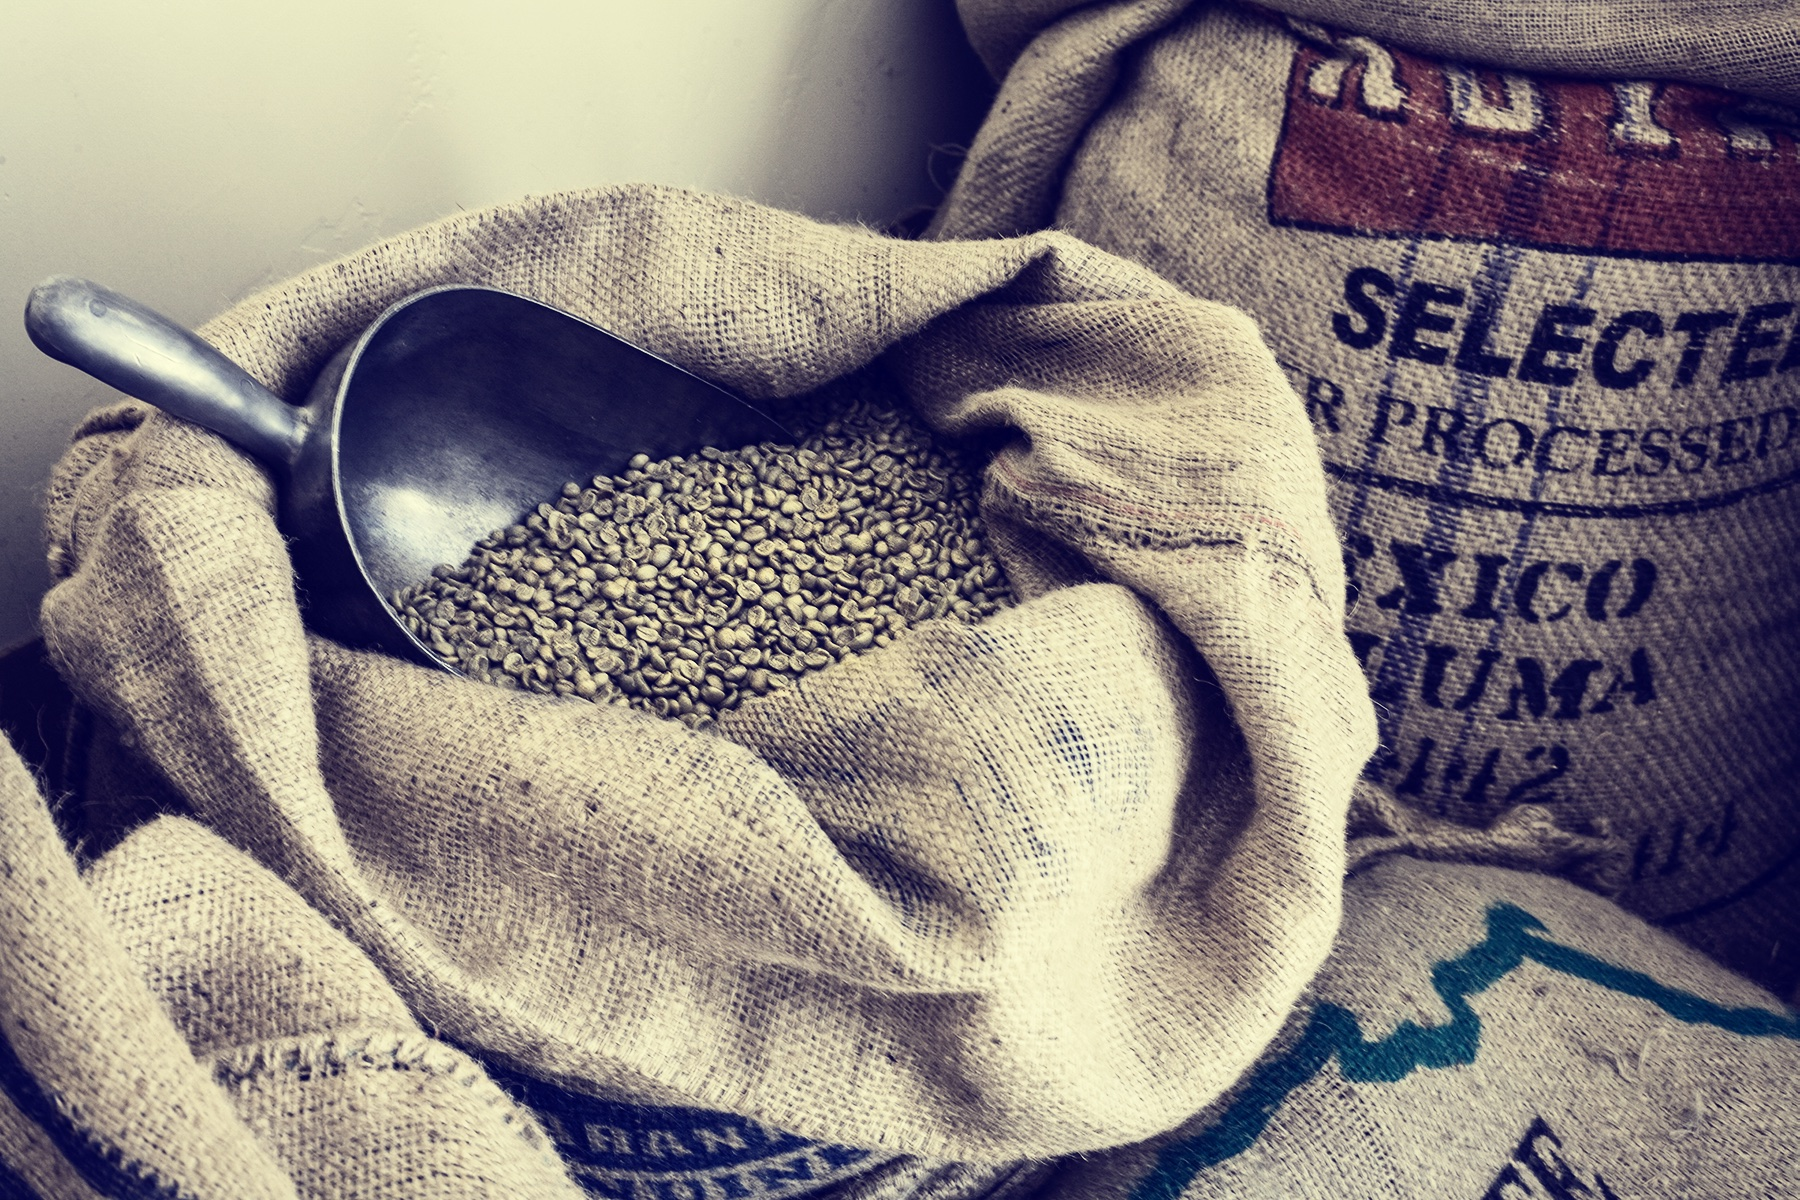 Superior beans = Superior taste